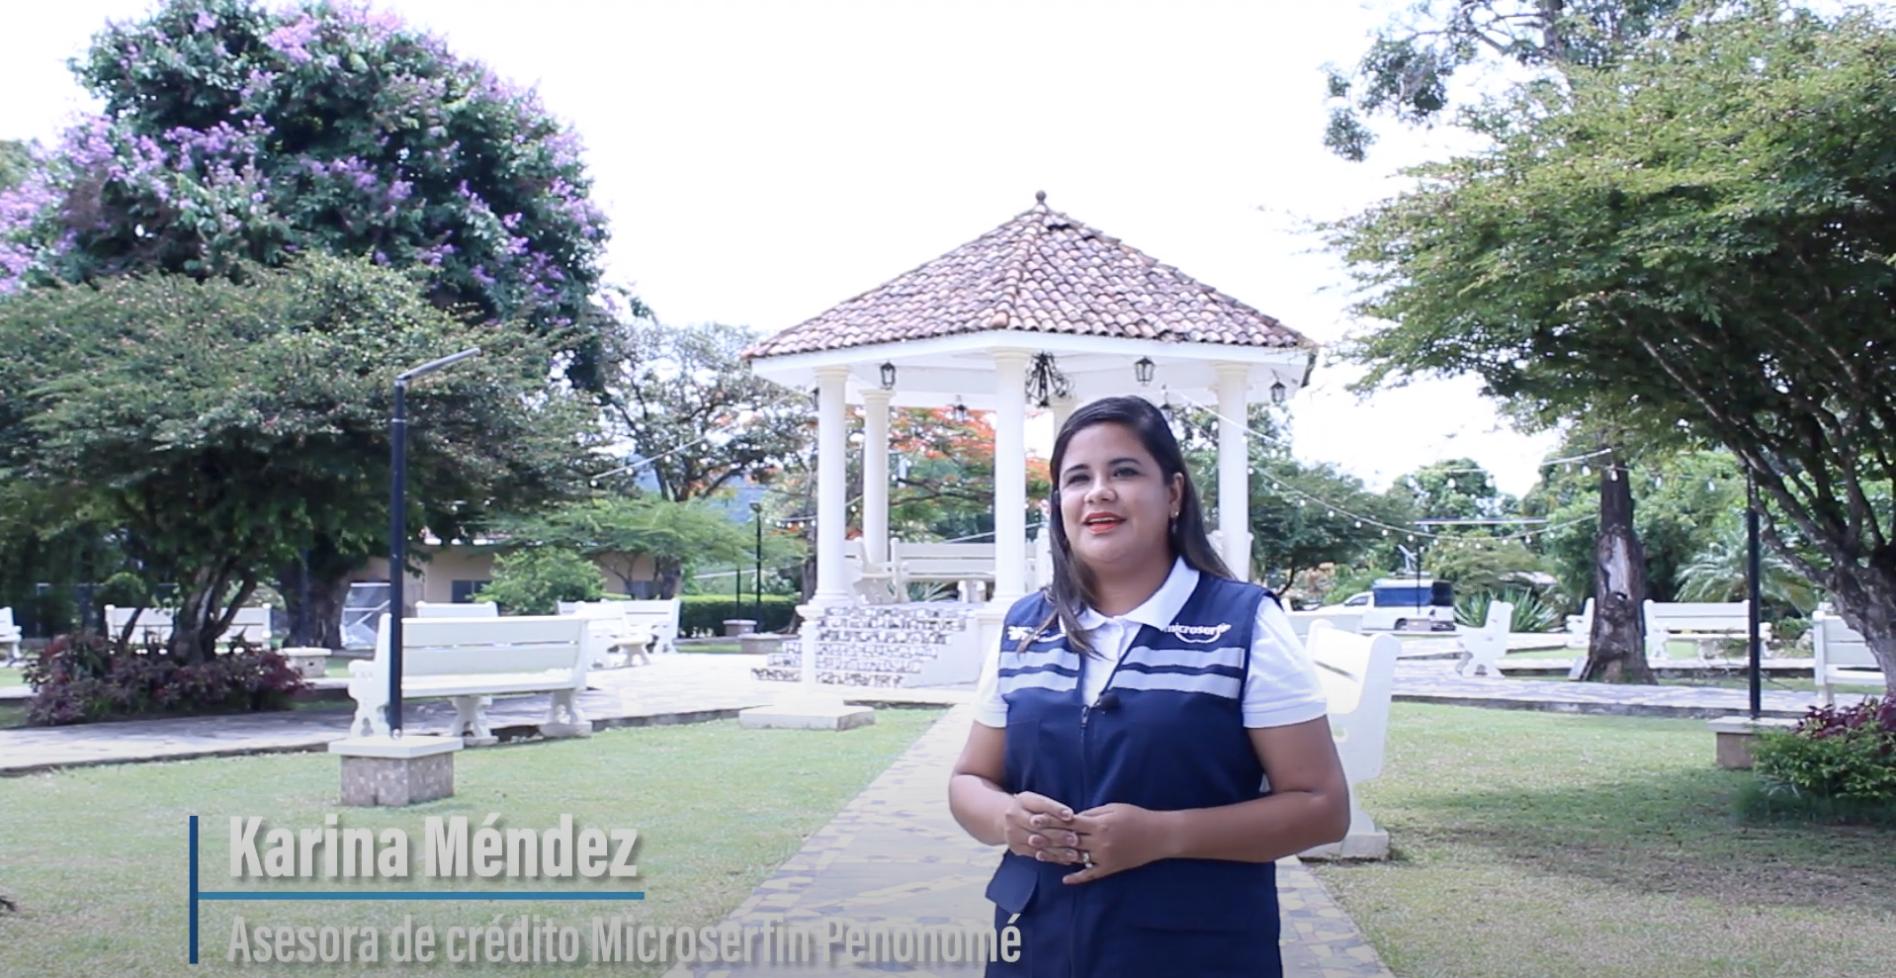 Movilidad Asesores y la experiencia de la asesora Karina Méndez